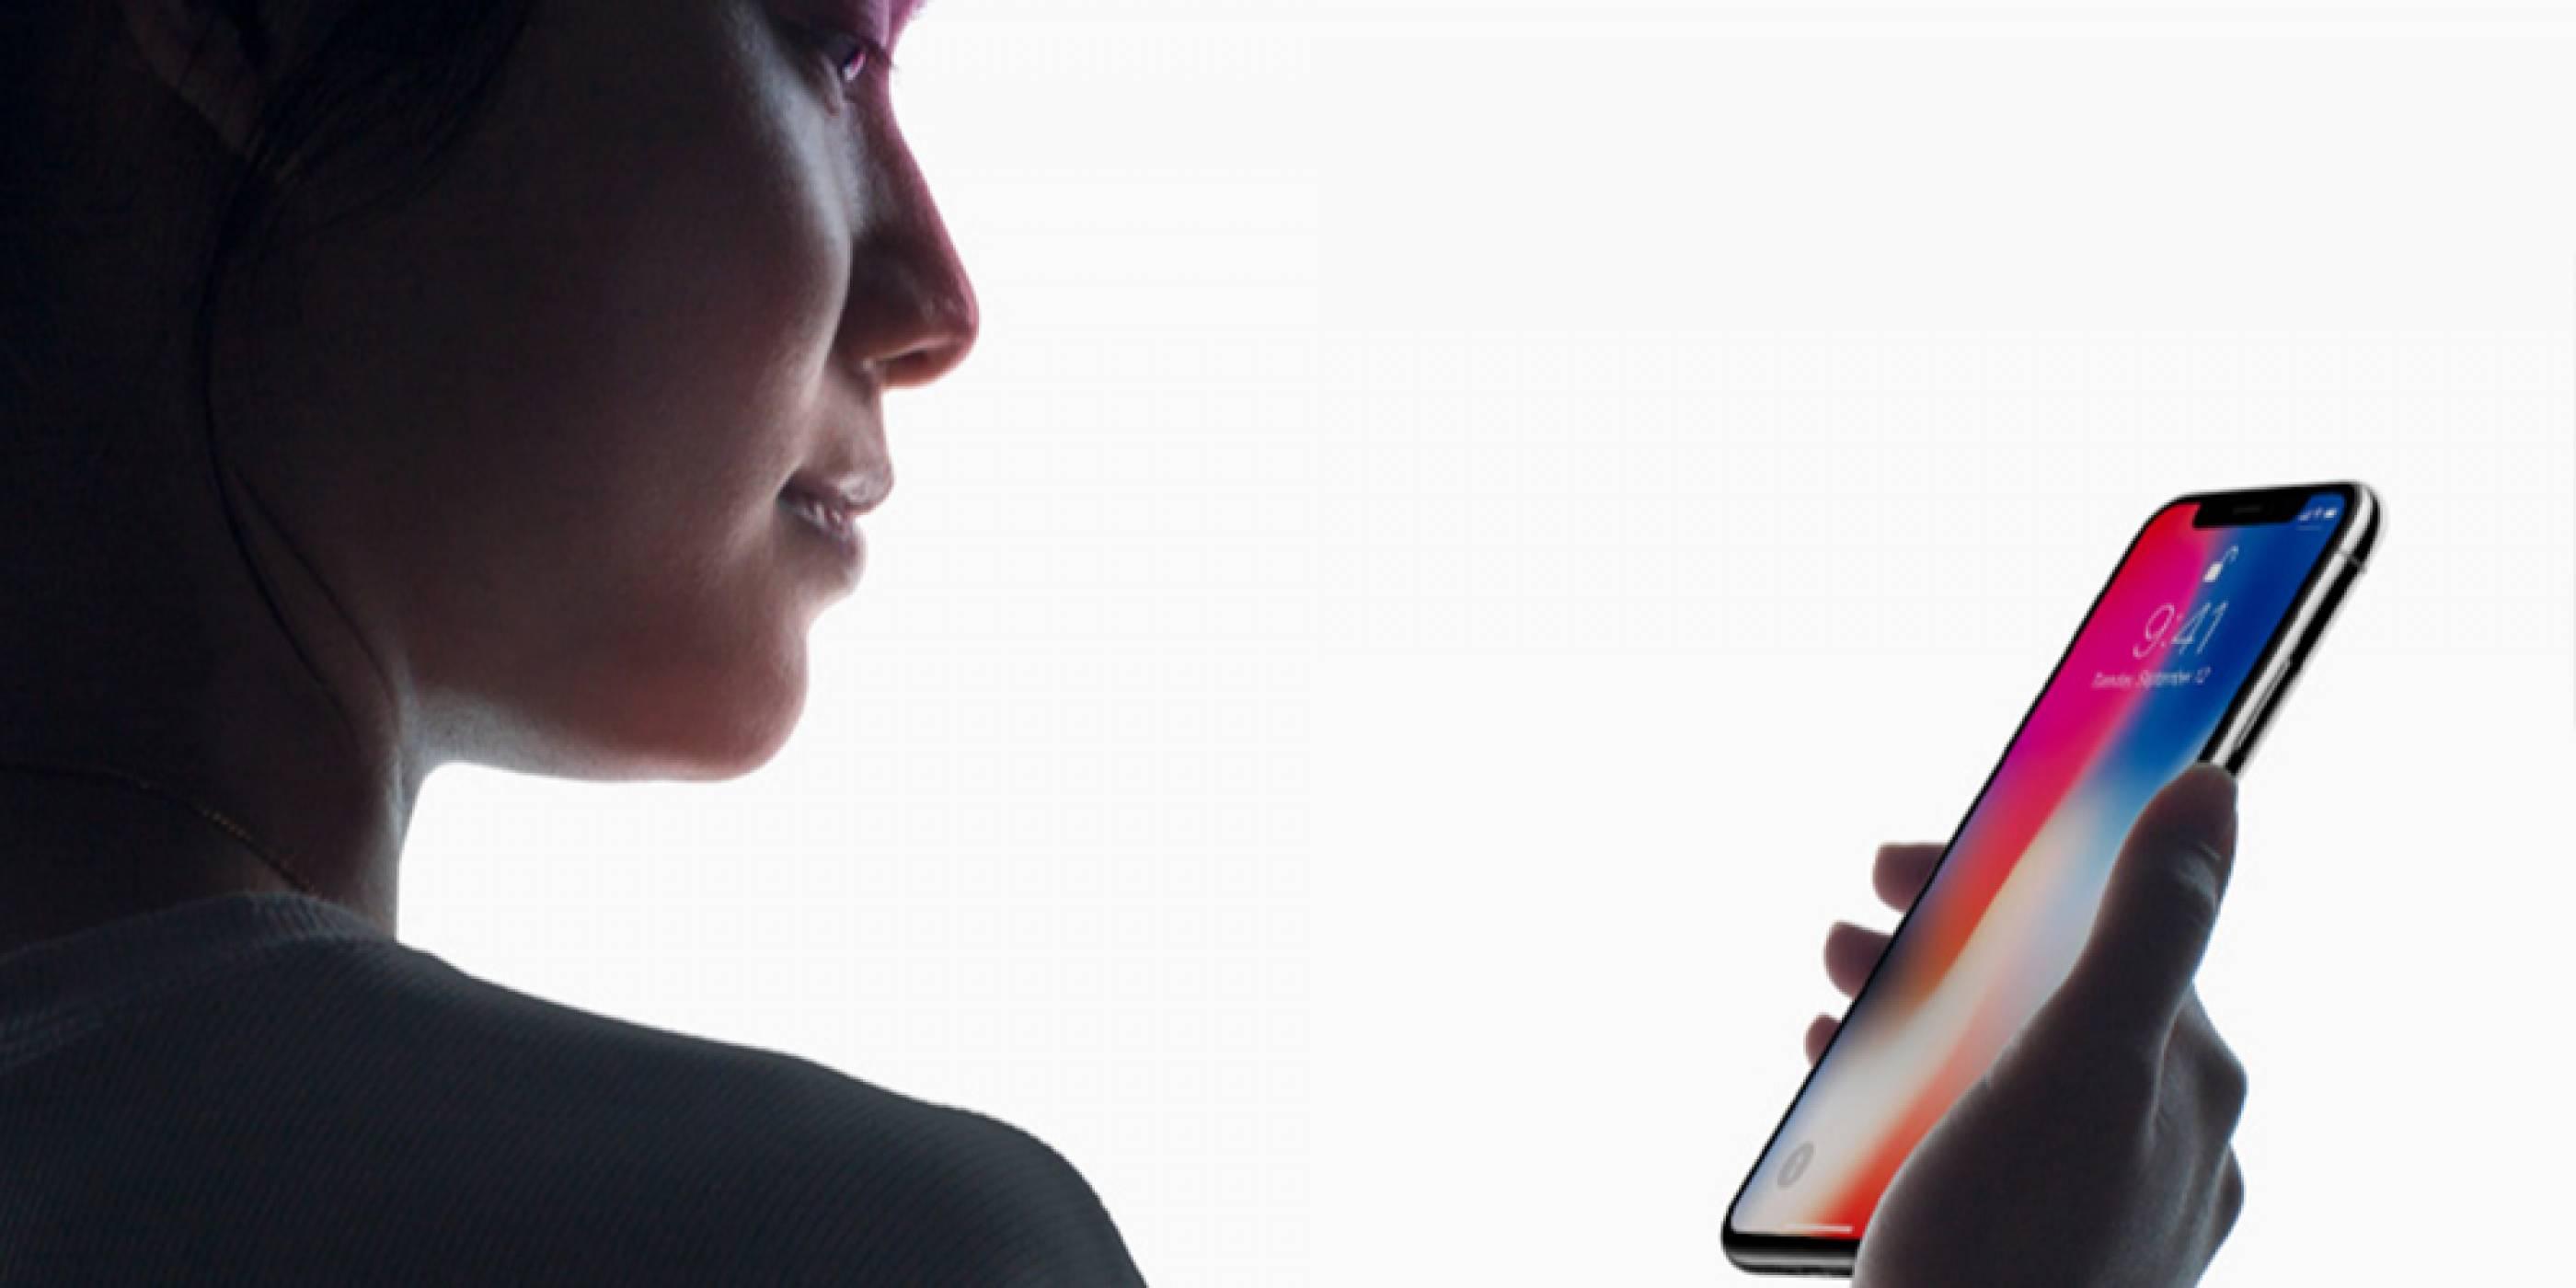 Анализатор прогнозира, че през 2018 година Apple изцяло ще се откаже от Touch ID технологията